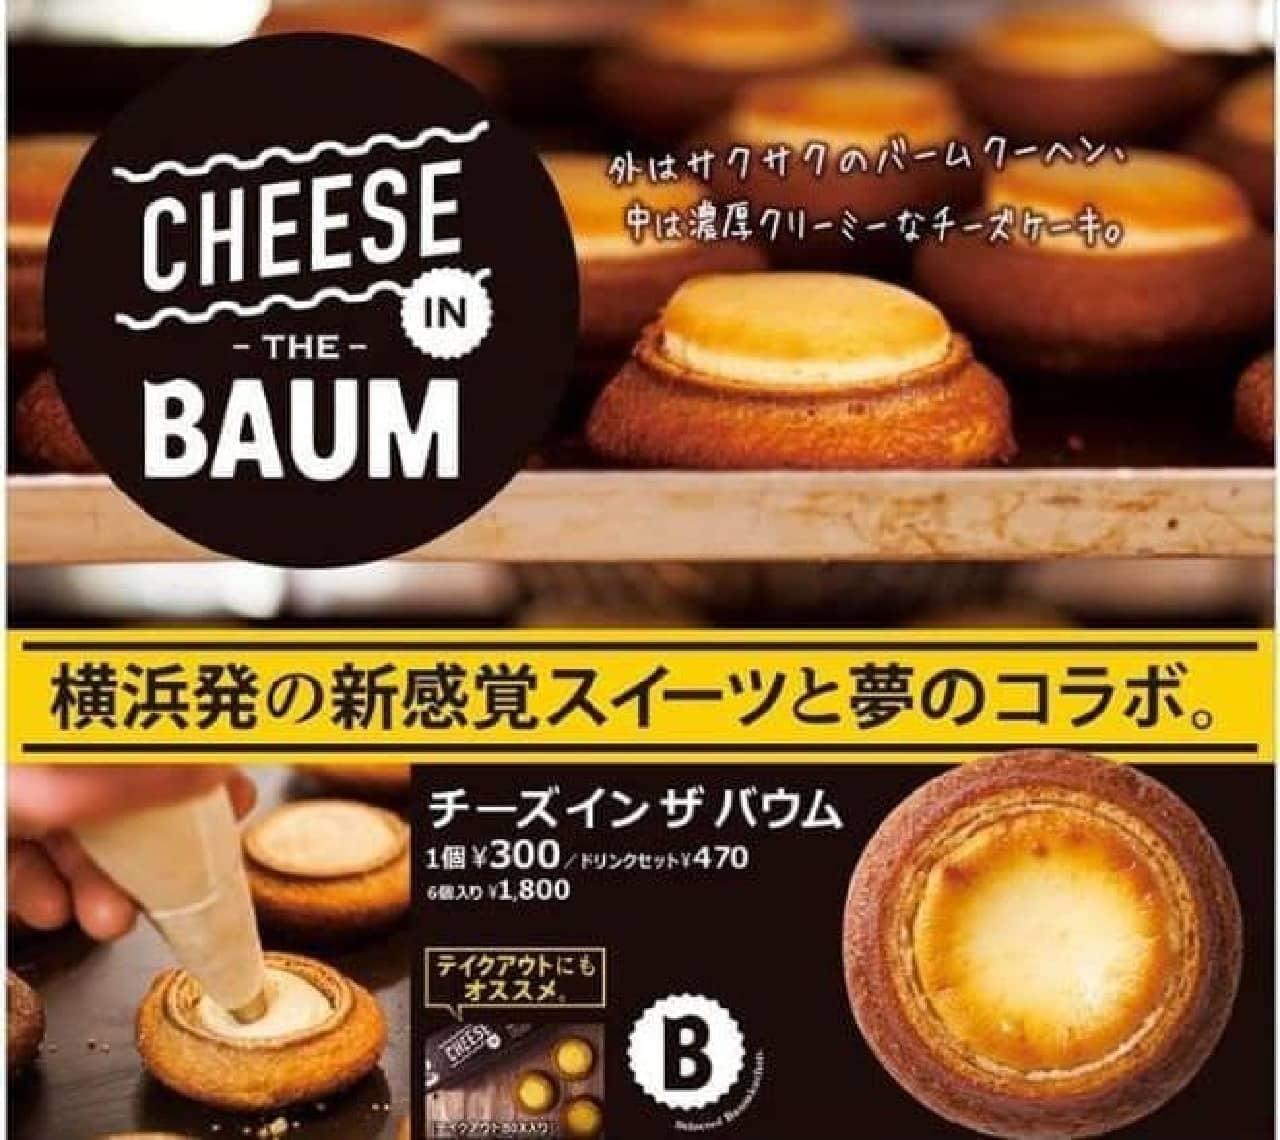 チーズ・イン・ザ・バウムは、バウムクーヘンの空洞にチーズ生地を流し込み、じっくり焼きあげられたスイーツ